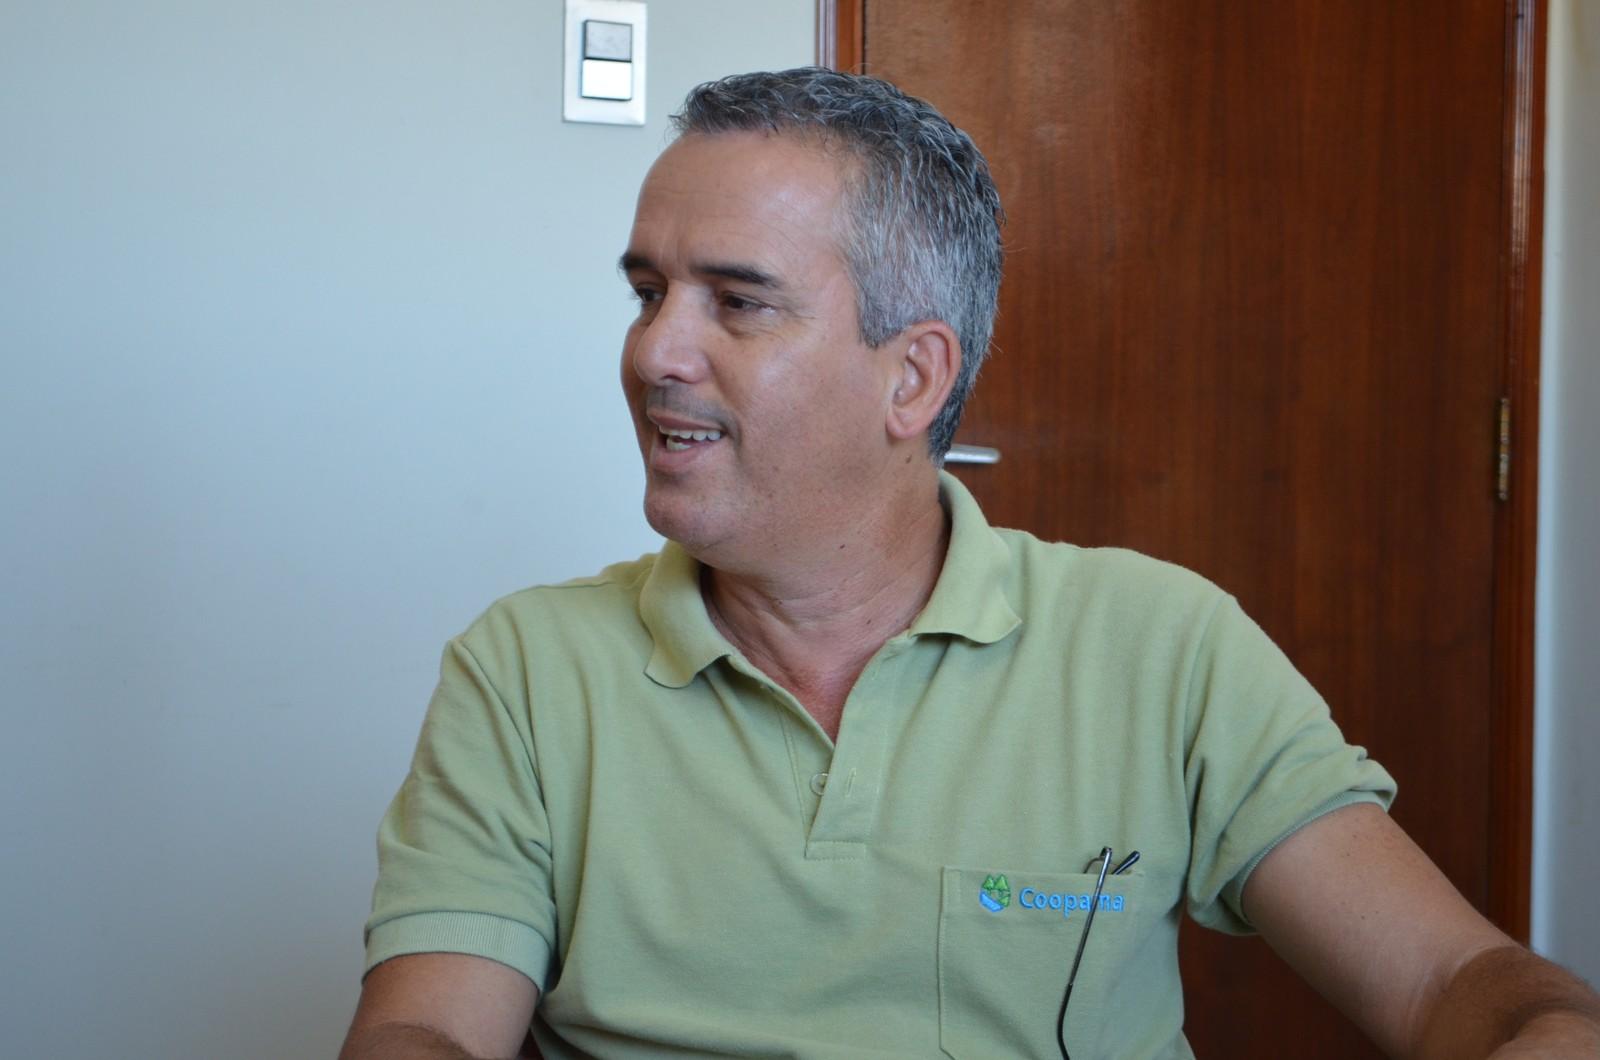 Segundo diretor de cooperativa, instituições ajudam produtor a melhorar qualidade e produção no campo (Foto: Lucas Soares)